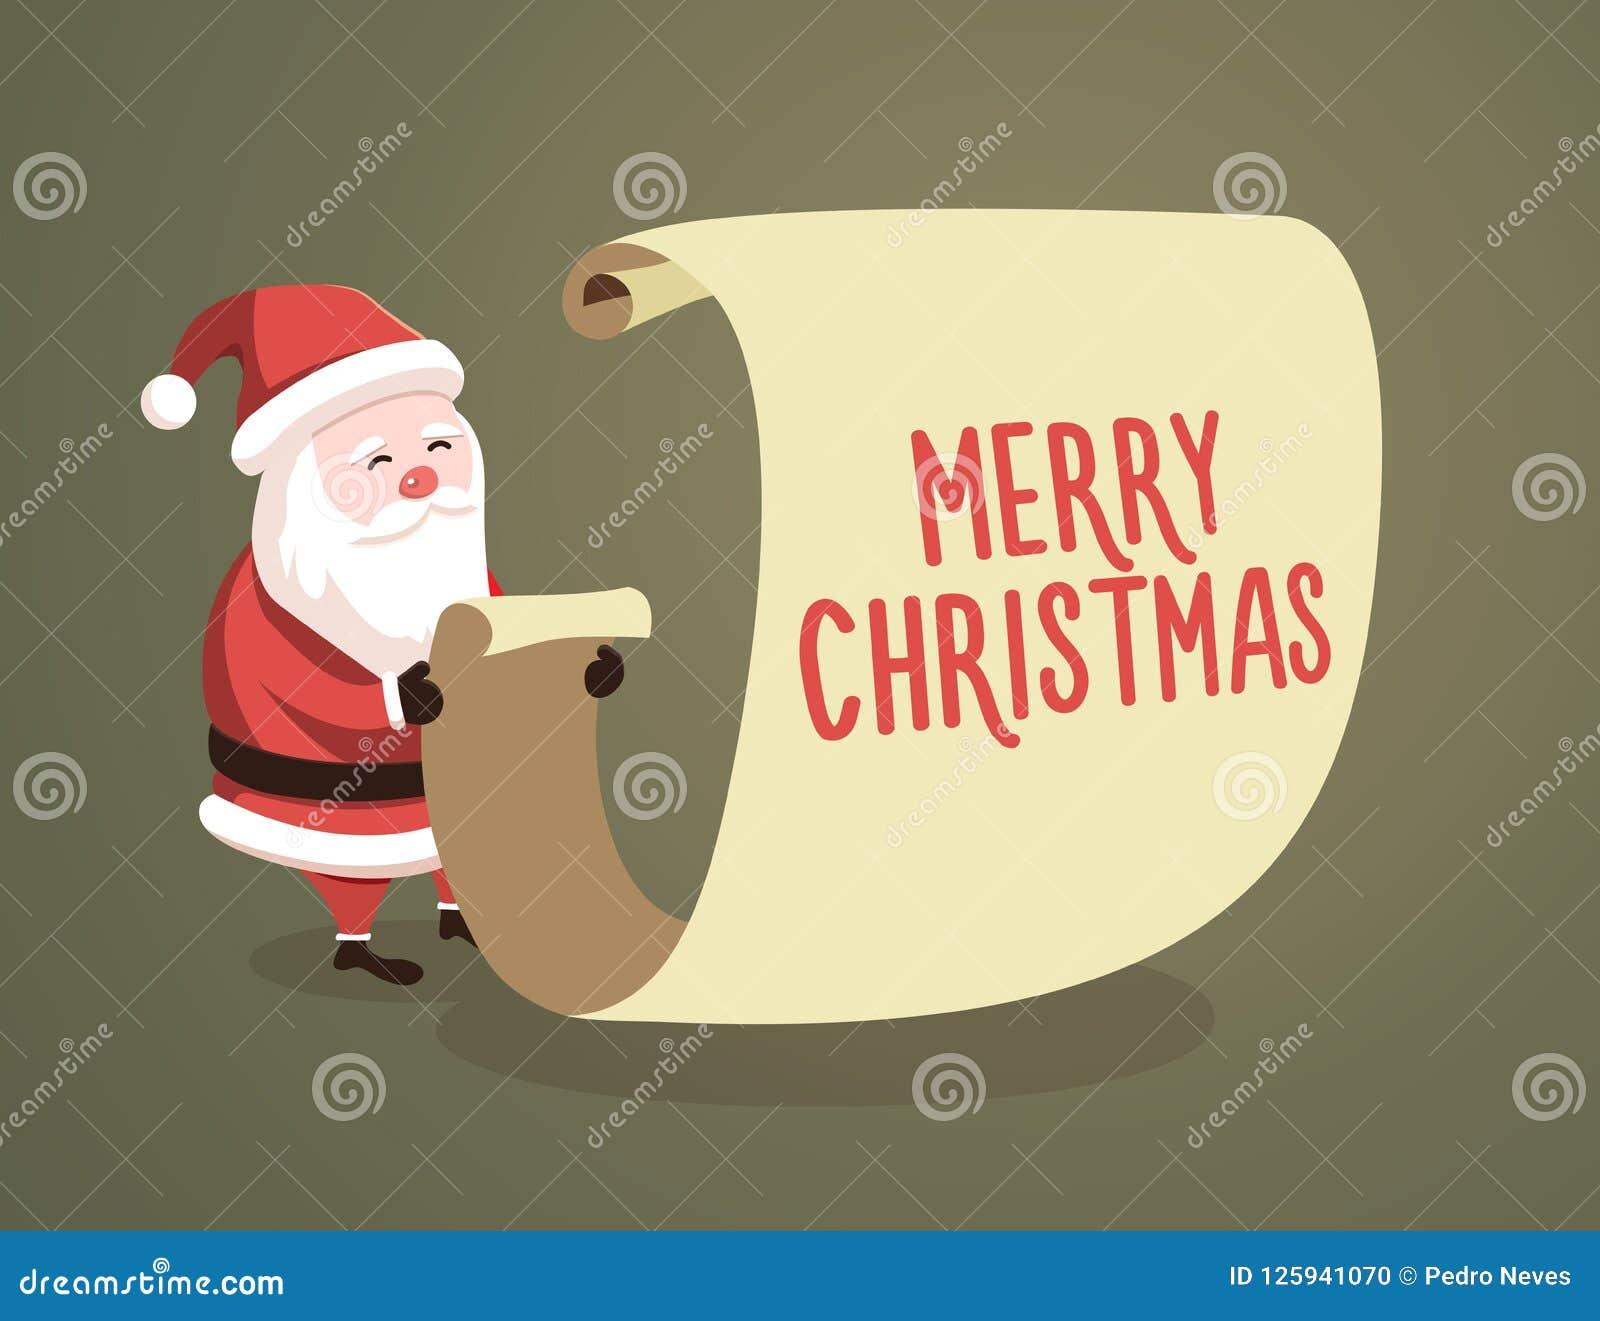 035a3217d Lista de comprobación de Santa Claus con el mensaje de la Feliz Navidad  Ilustración del vector